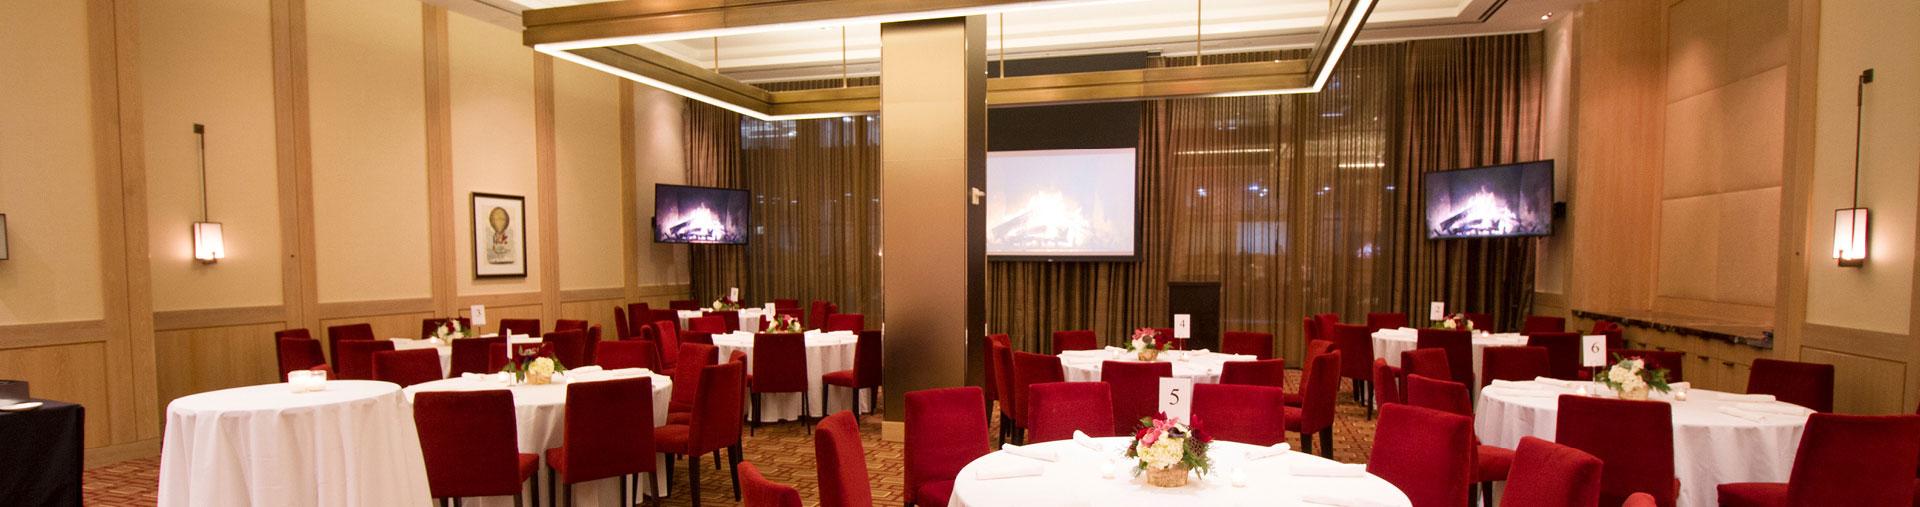 Vanderbilt Suites private event area